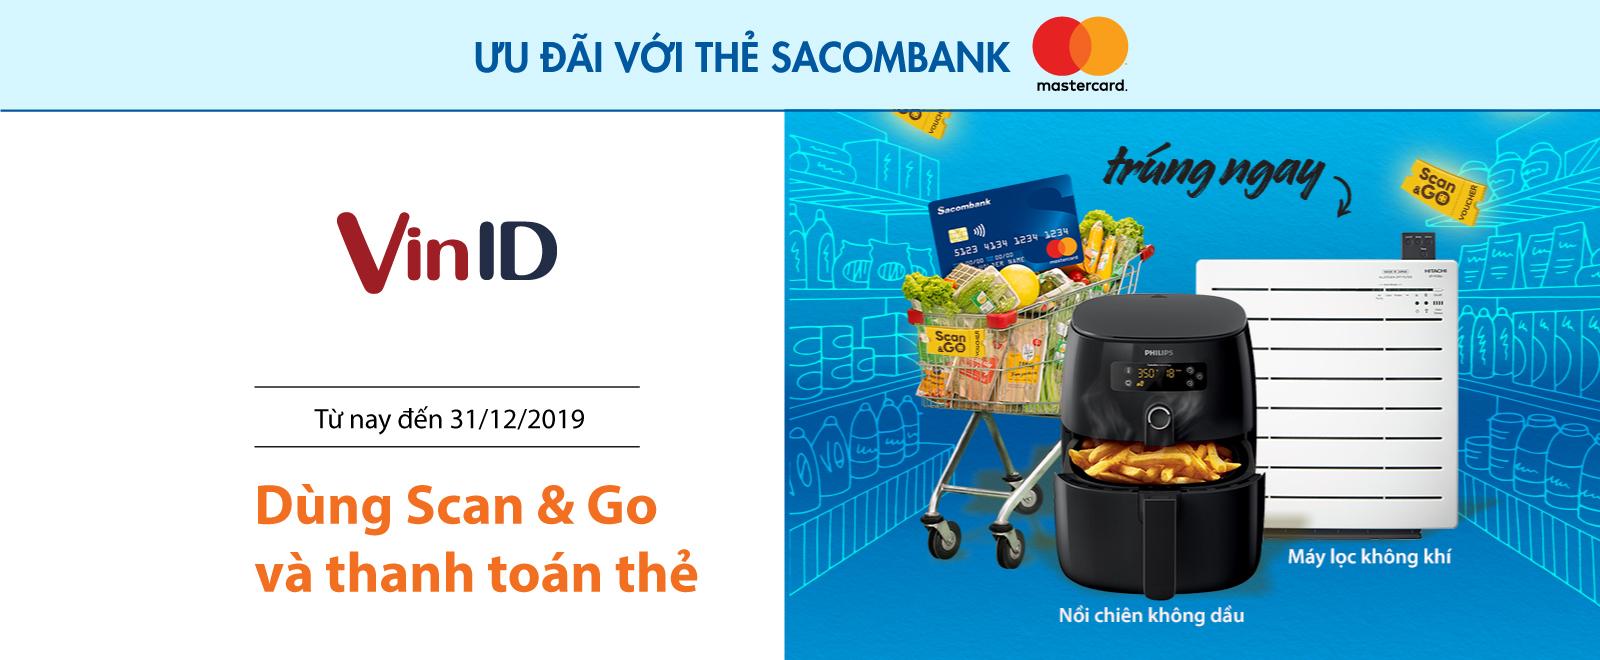 Ngân Hàng TMCP Sài Gòn Thương Tín (Sacombank) - PGD Hoàng ...